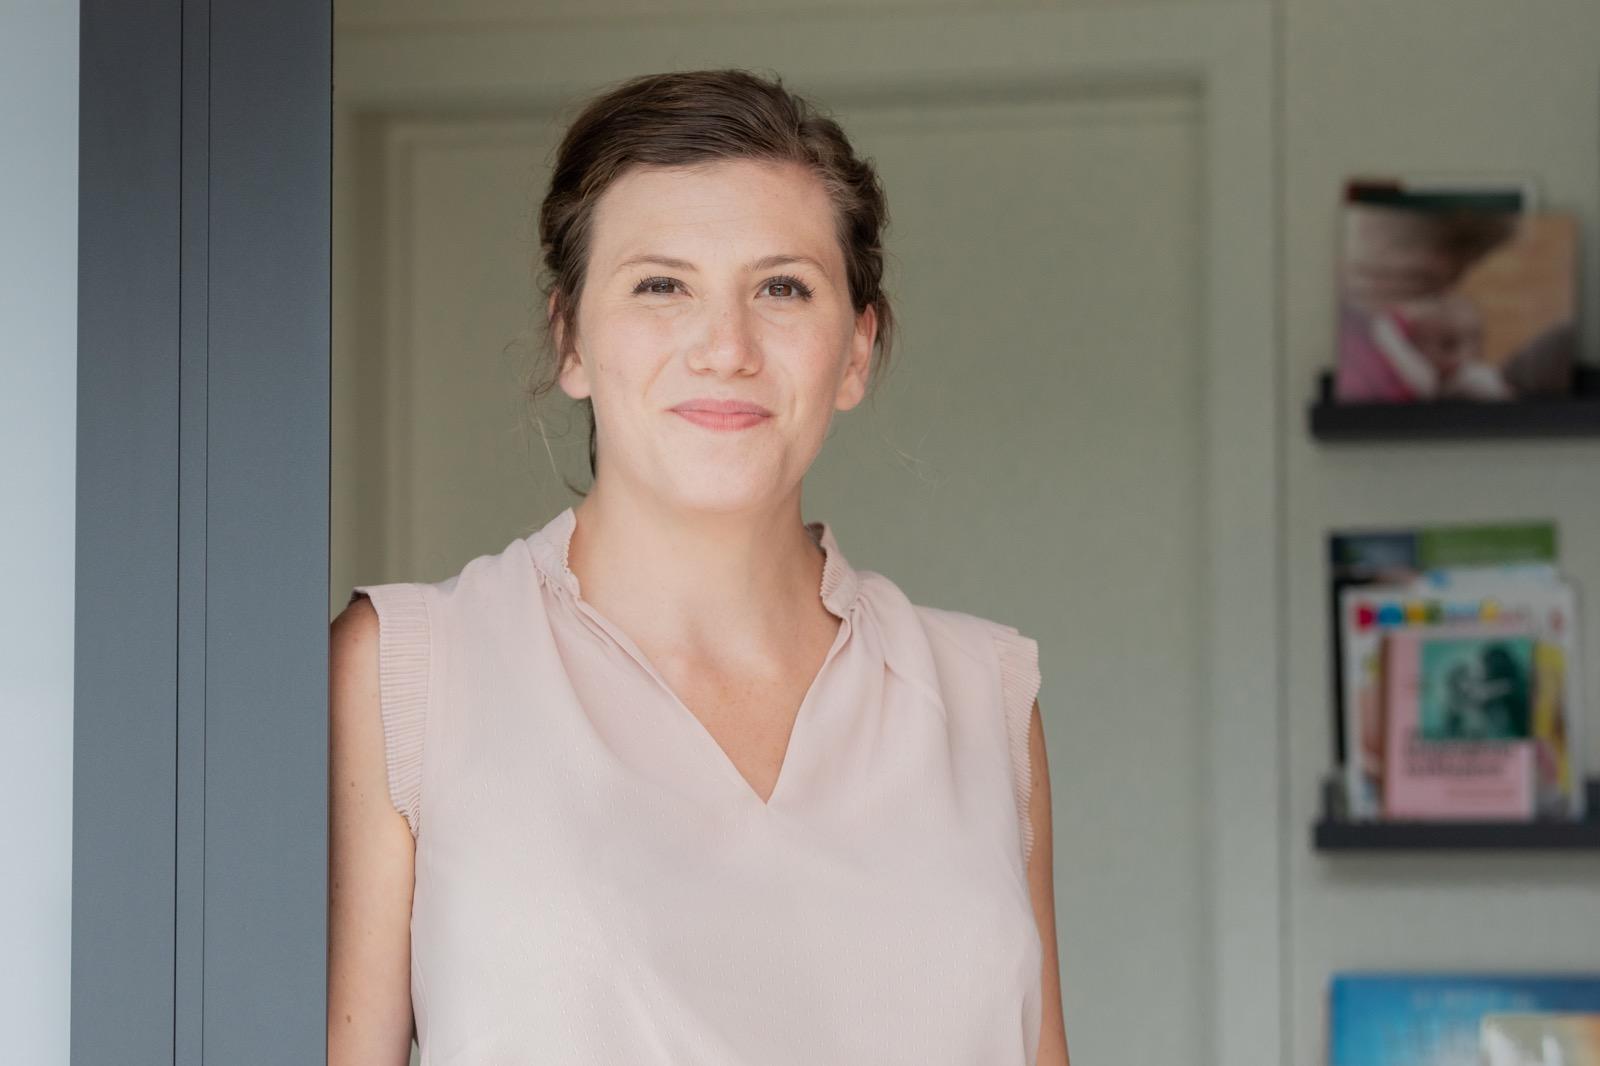 Annika Verpoorten